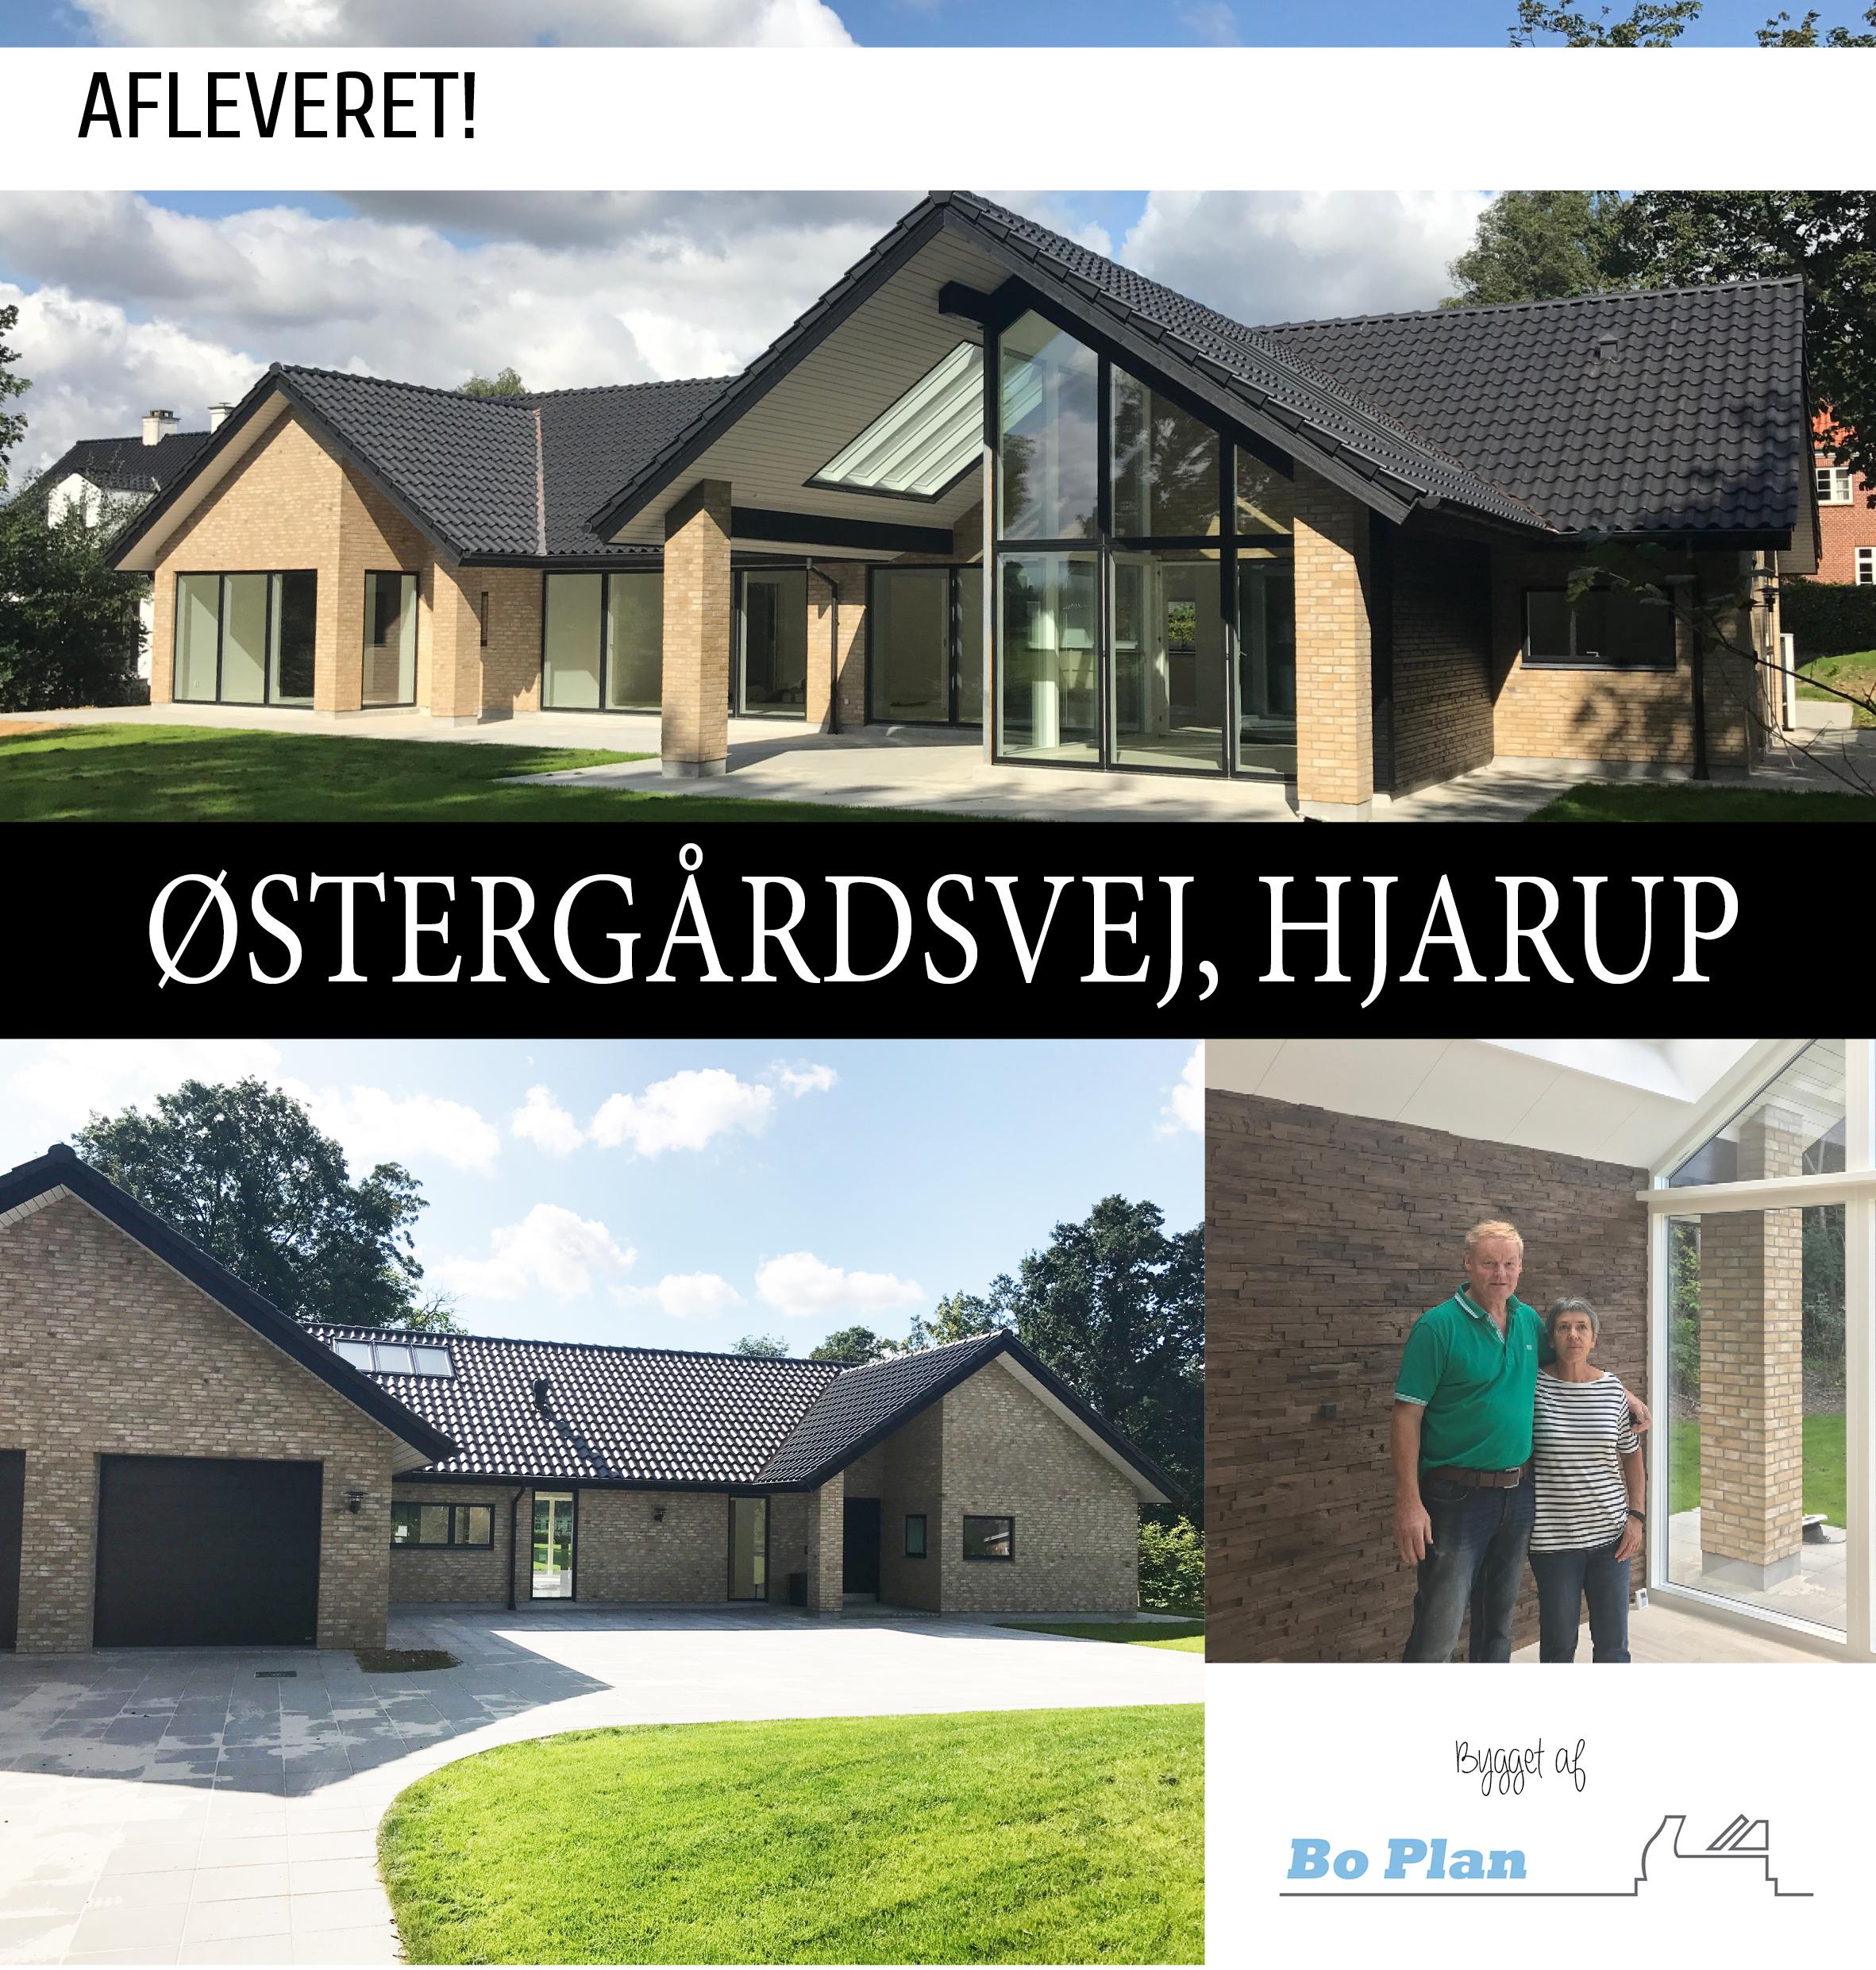 Østergårdsvej,_Hjarup_afleveret